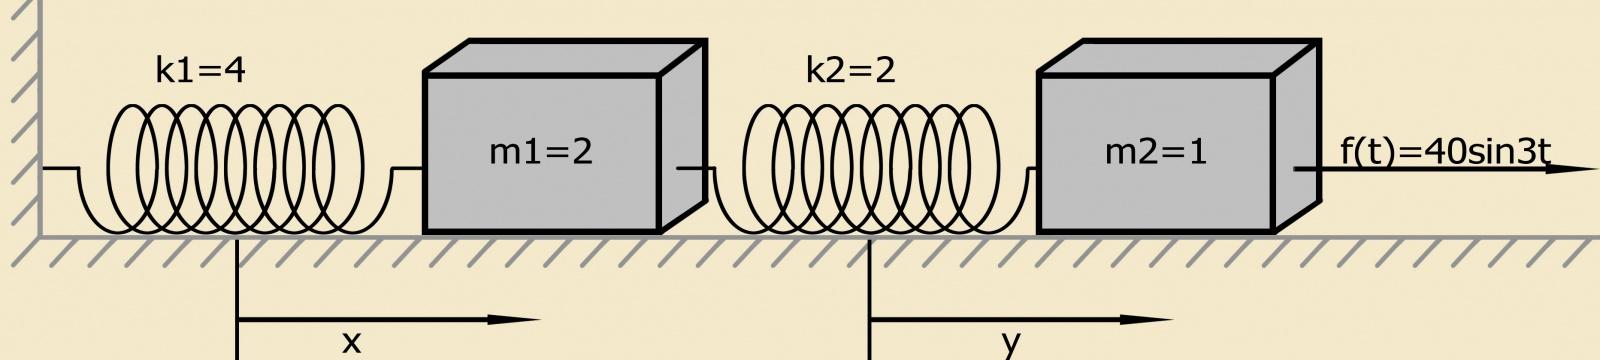 Символьное решение линейных дифференциальных уравнений и систем методом преобразований Лапласа c применением SymPy - 26